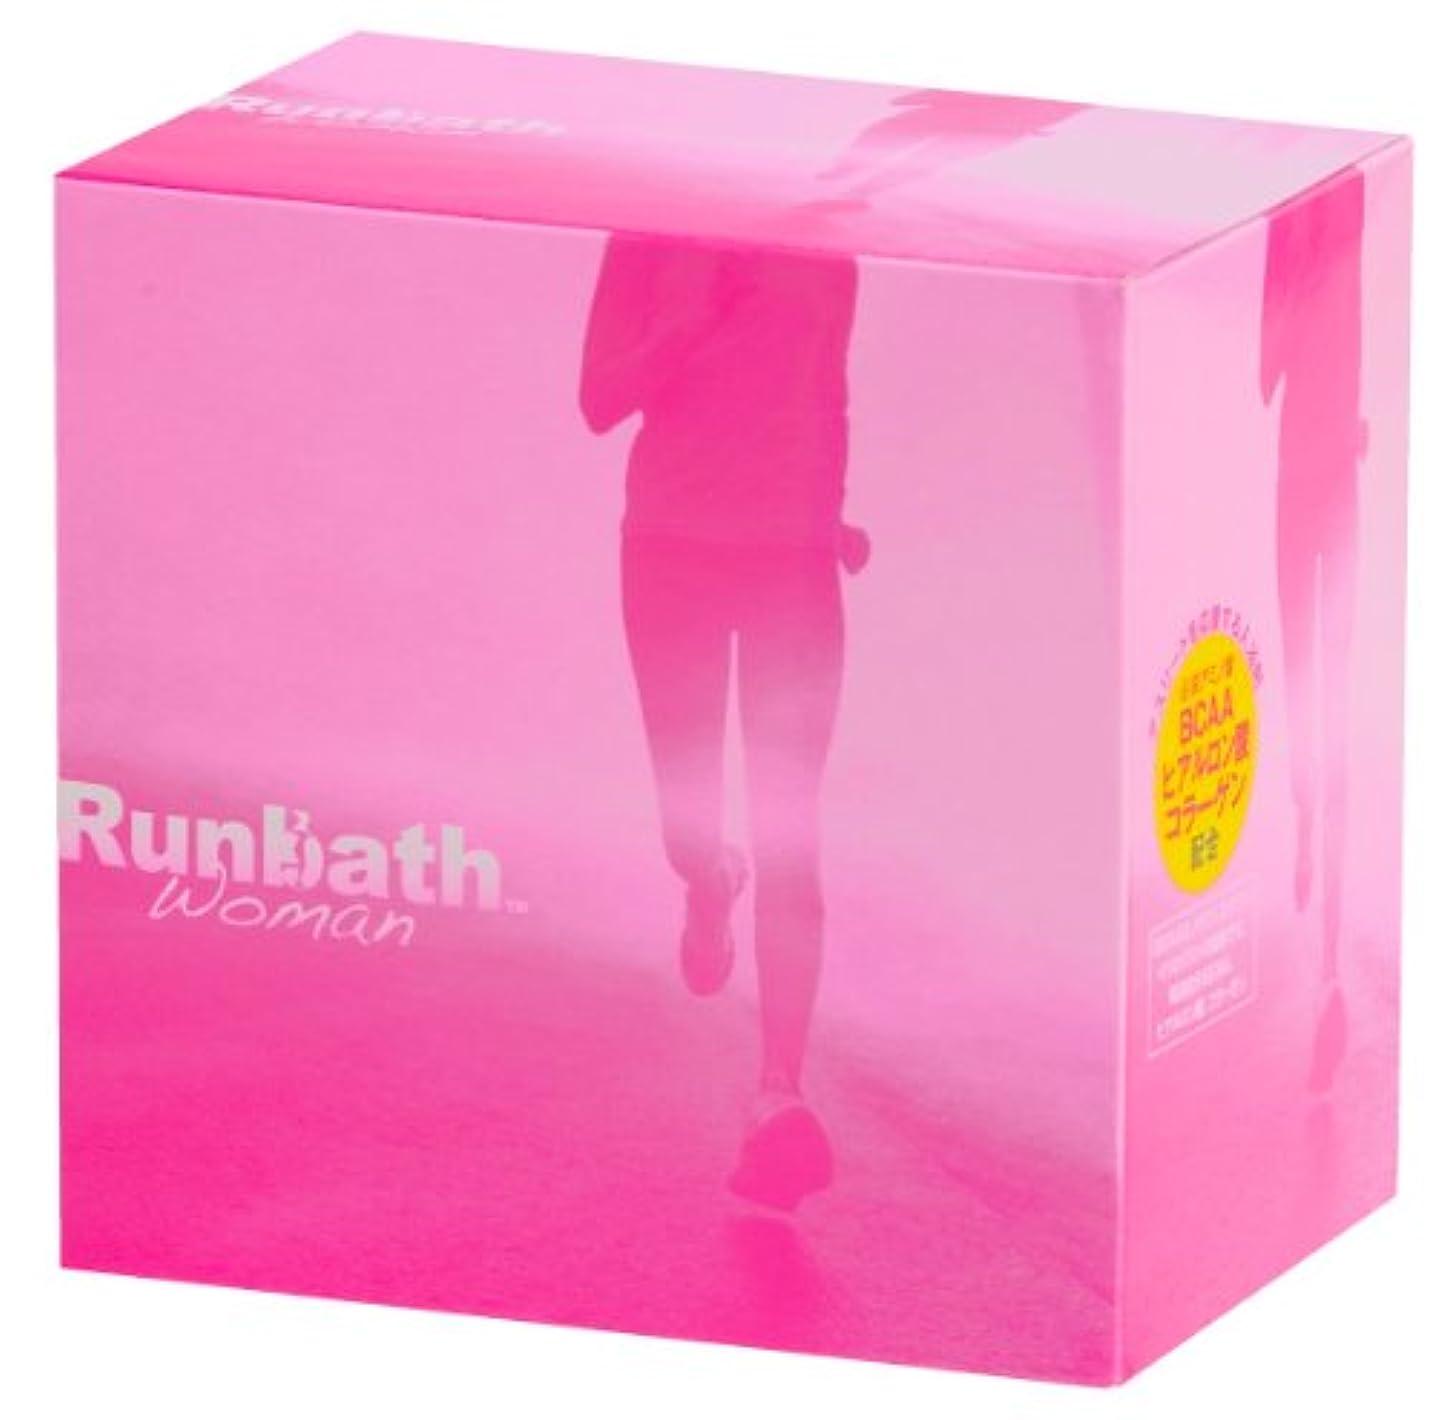 規制するスーツケース前置詞Runbath Woman ランバスウーマン